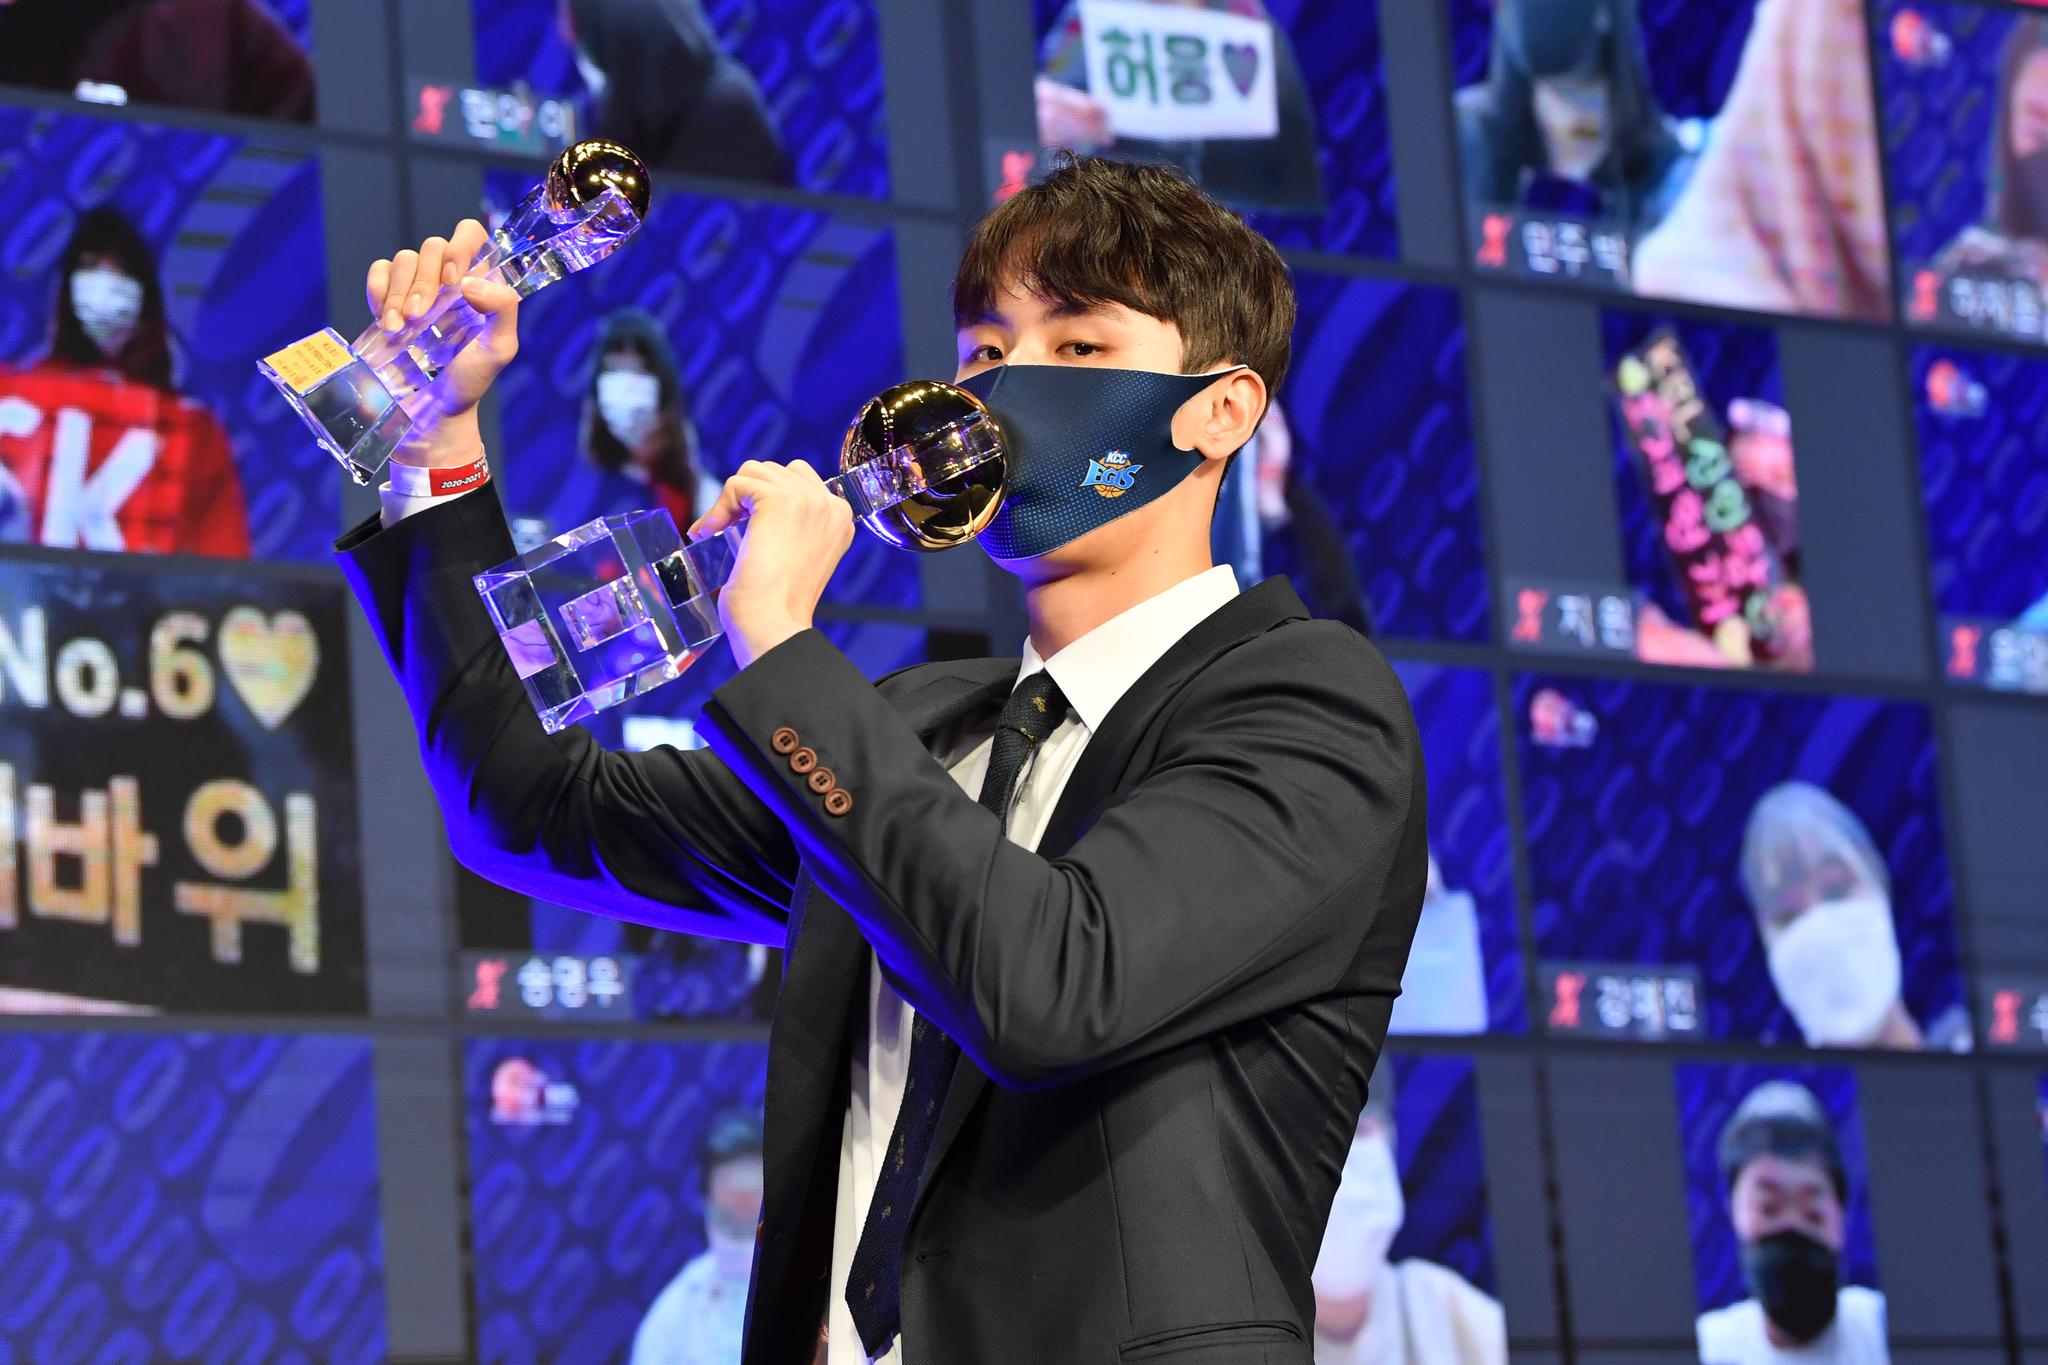 프로농구에서 고졸 최초로 MVP를 받은 송교창. [사진 KBL]